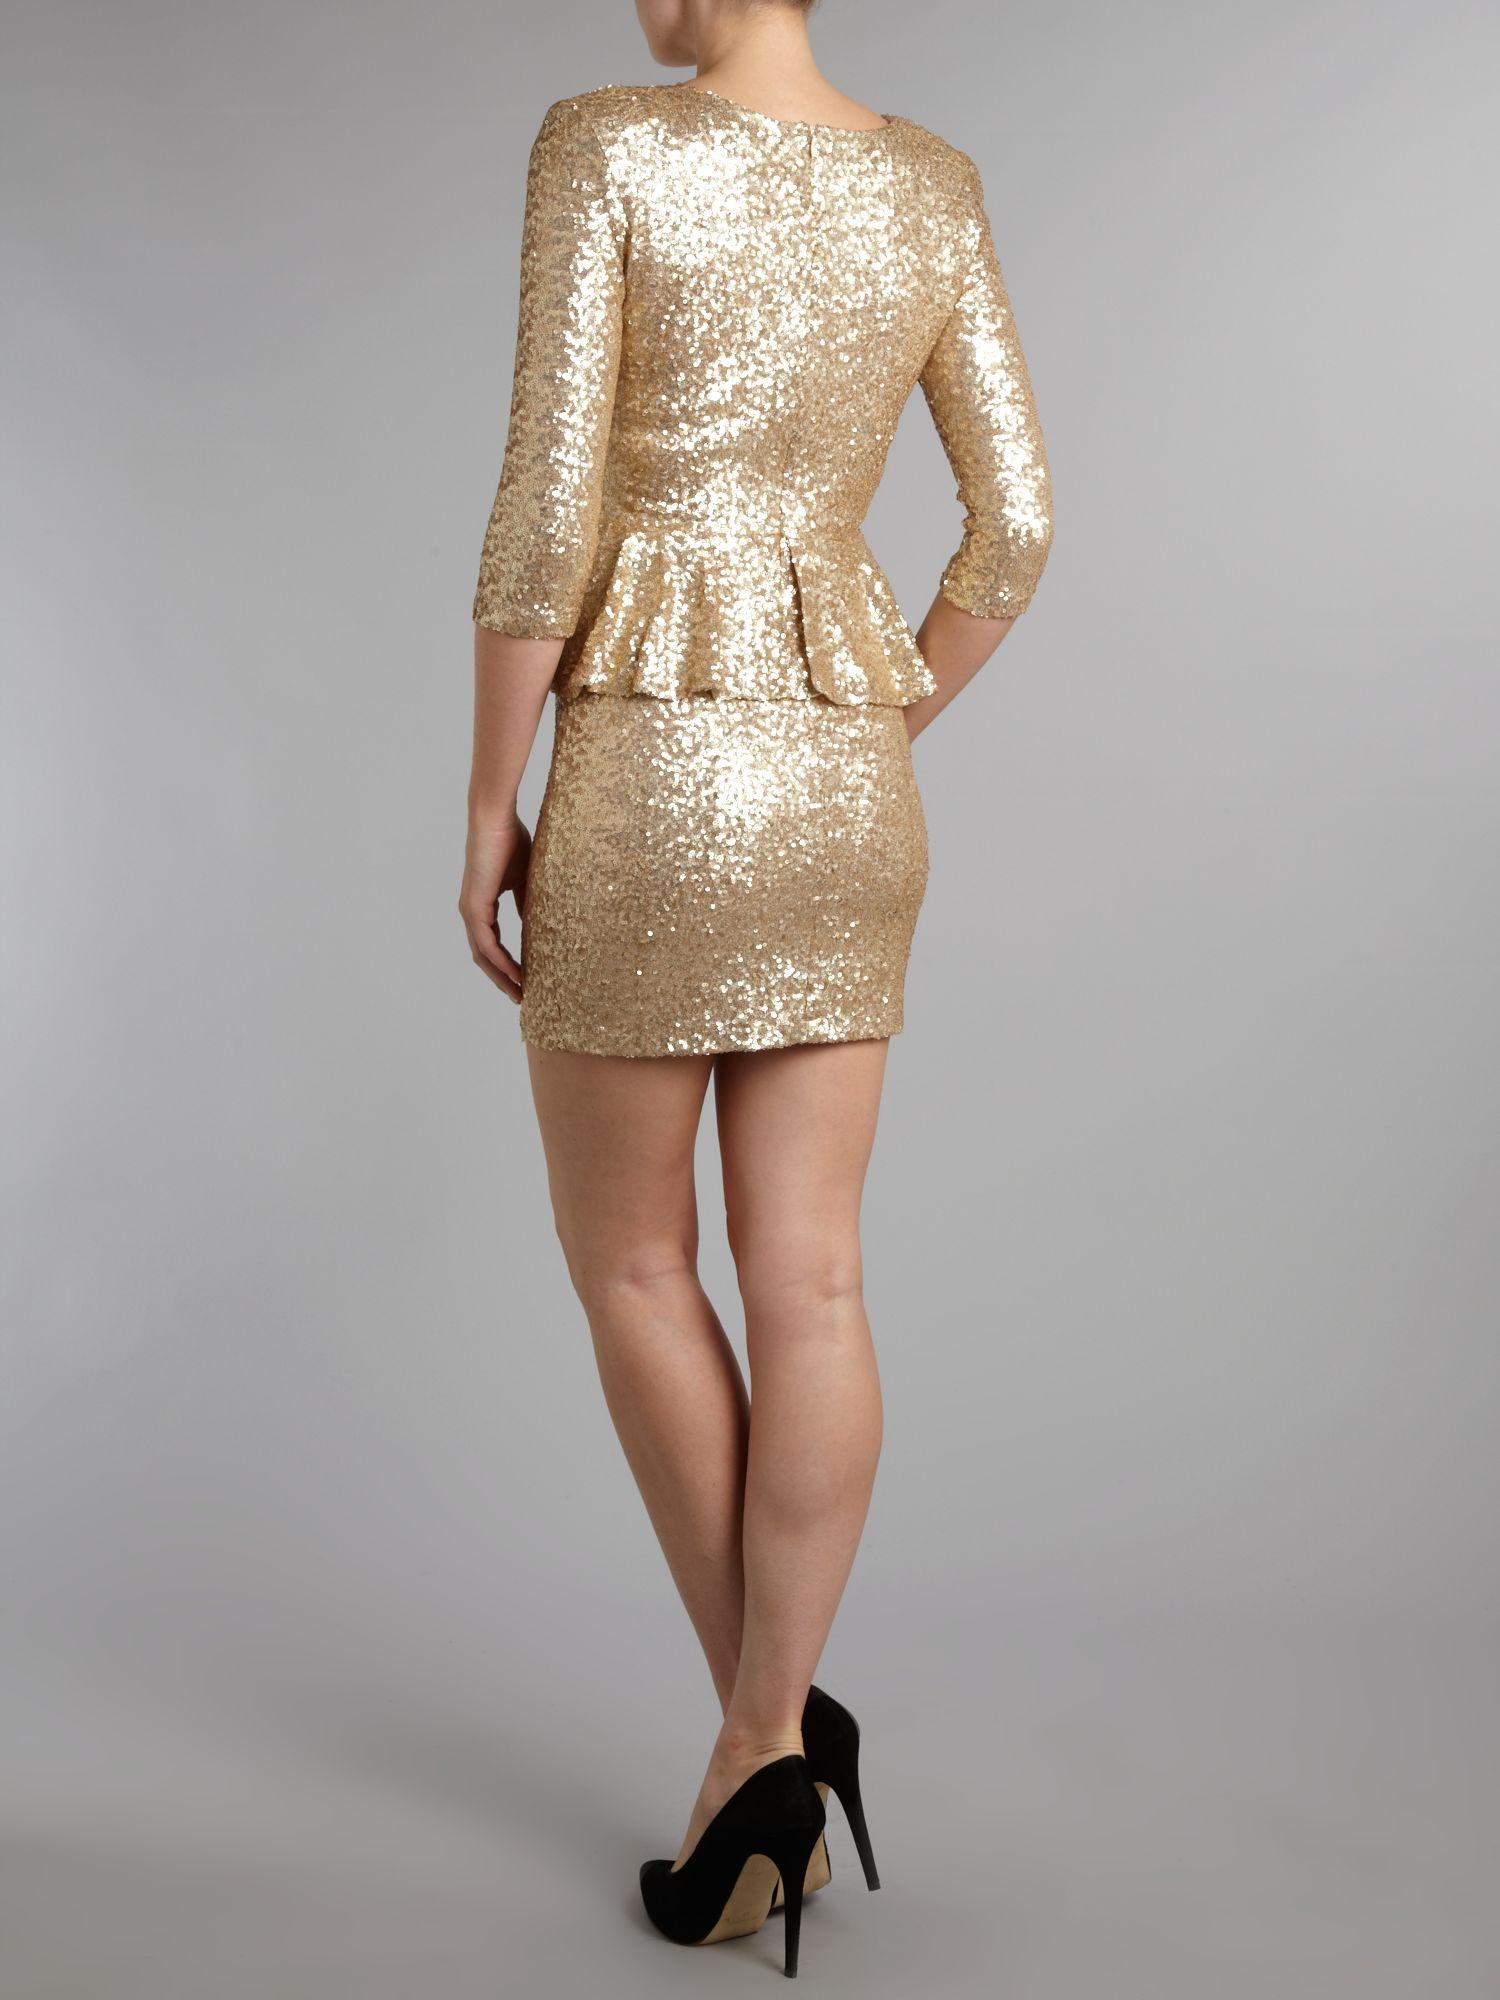 Tfnc long sleeve peplum sequin dress